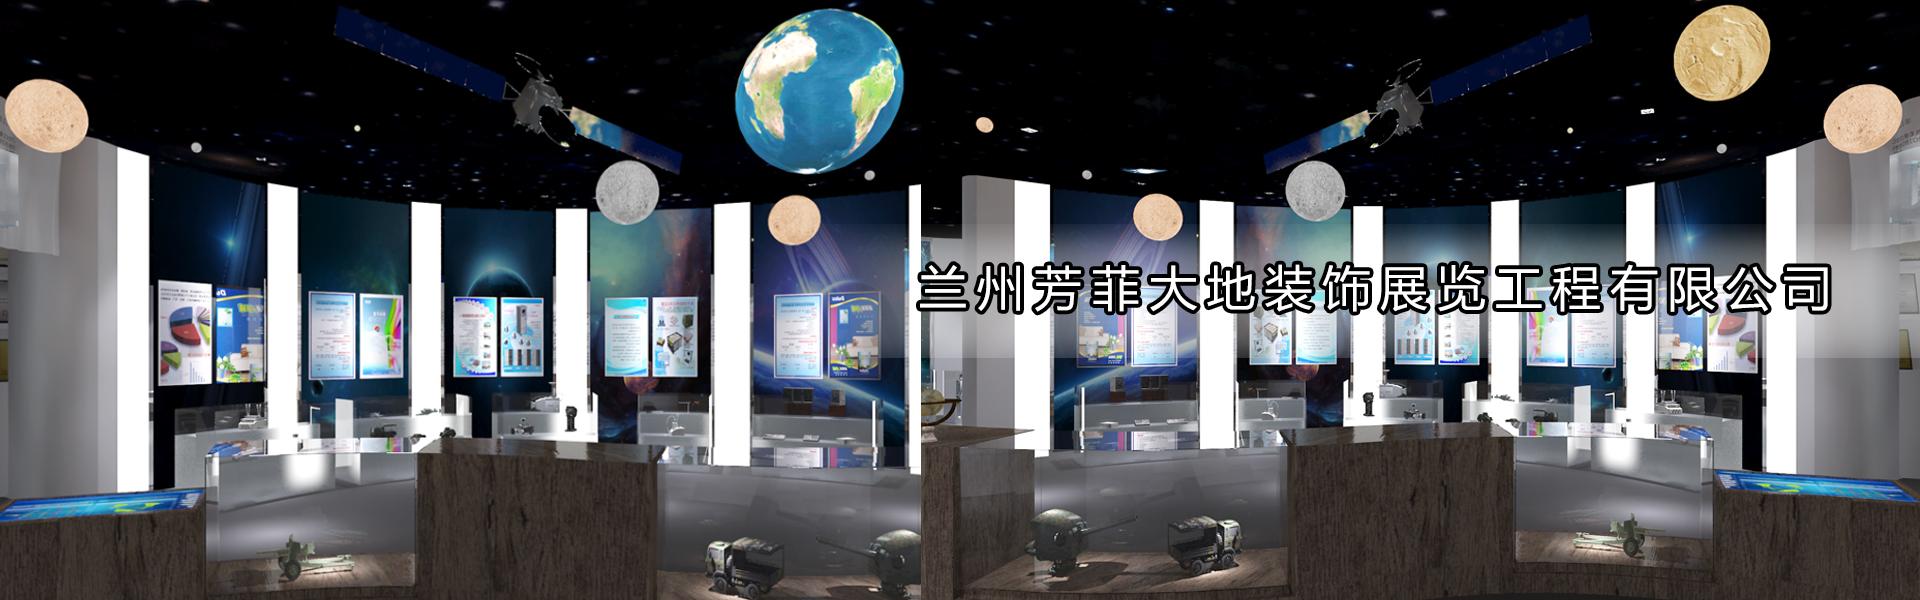 甘肅展覽展廳設計